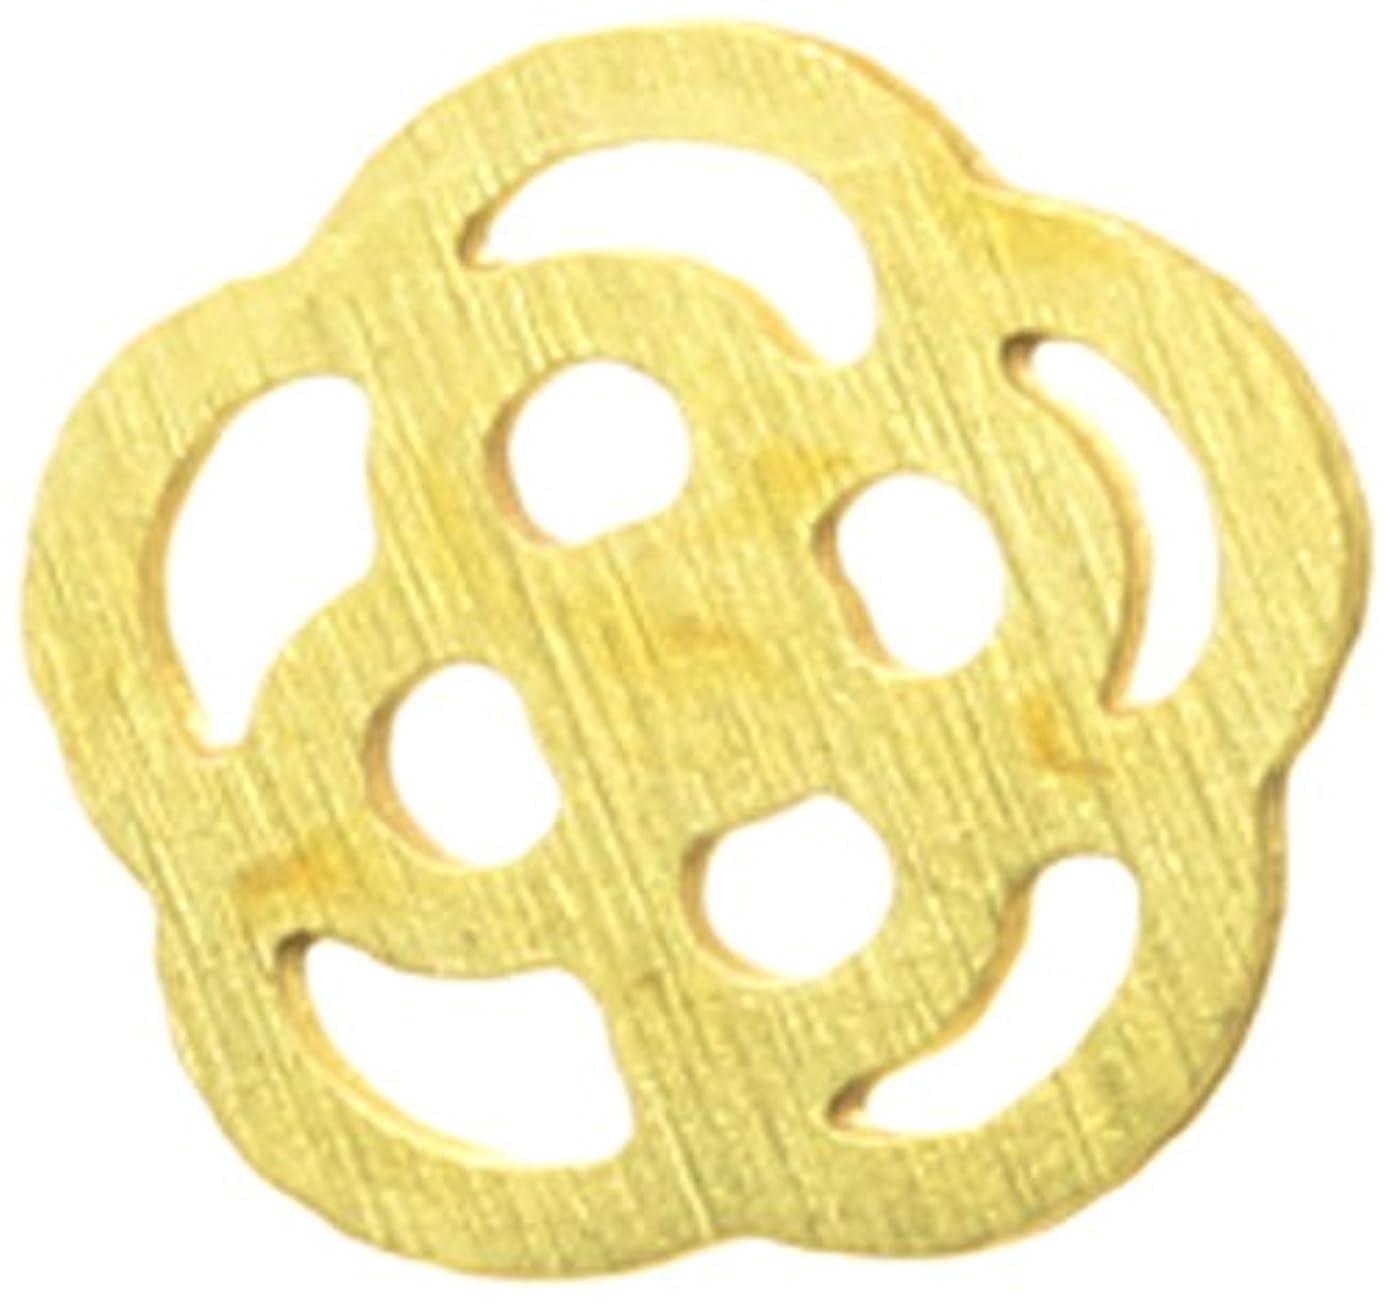 考えたチャンピオンシップかき混ぜるメタルプレート(ネイルストーン デコ) カメリア(30個入り) ゴールド(ネイル用品)